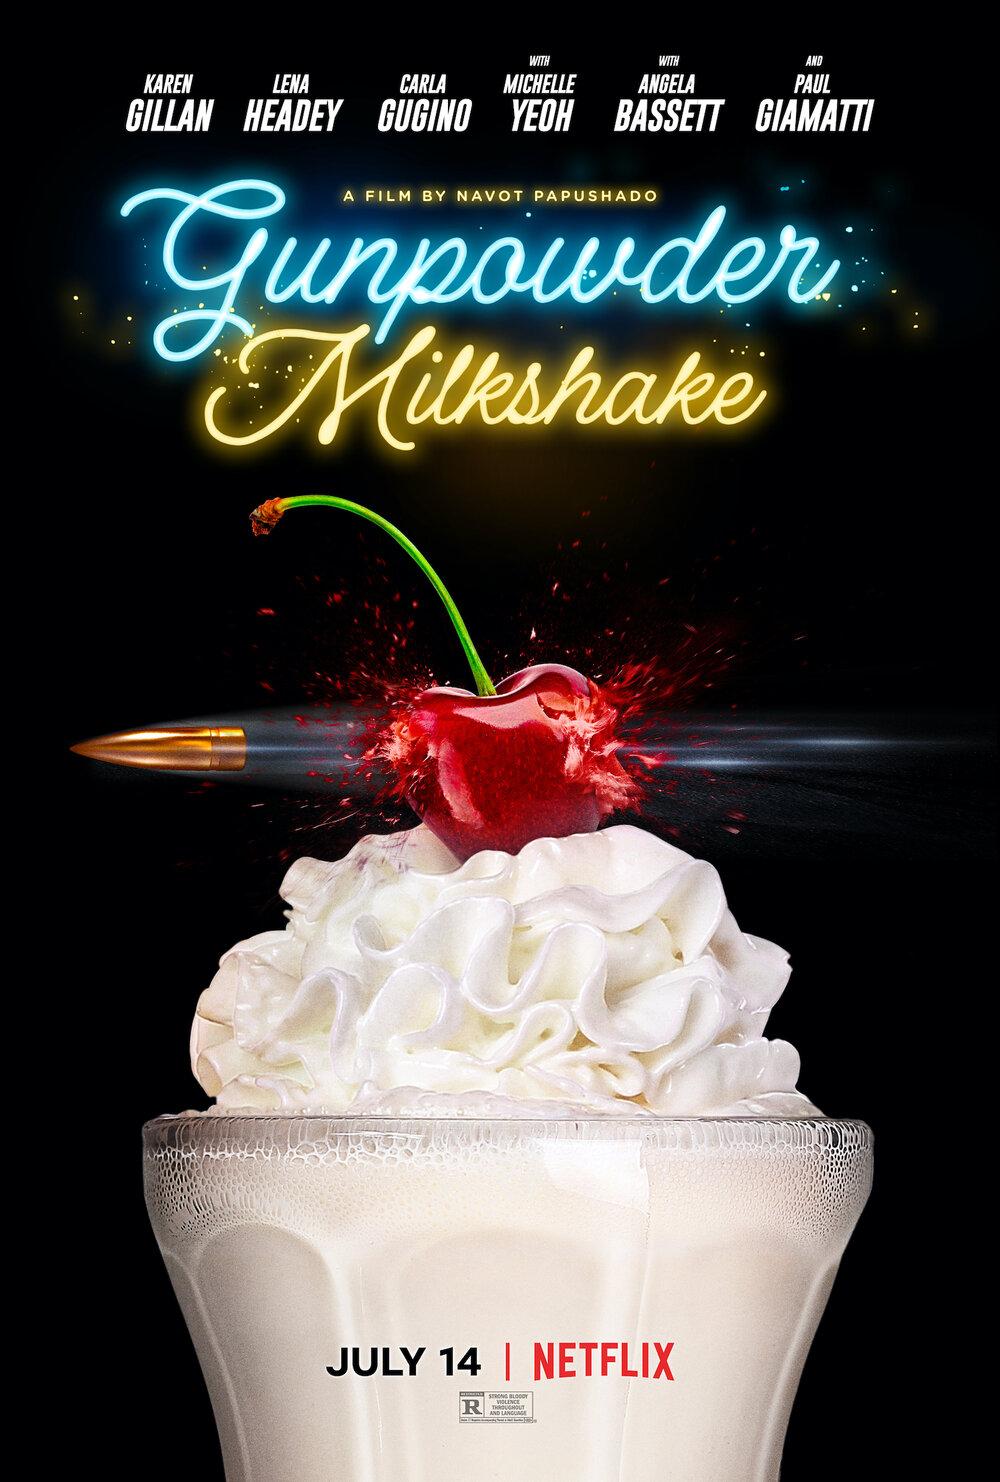 Gunpowder Milkshake | Filme de ação com Karen Gillan e Lena Headey